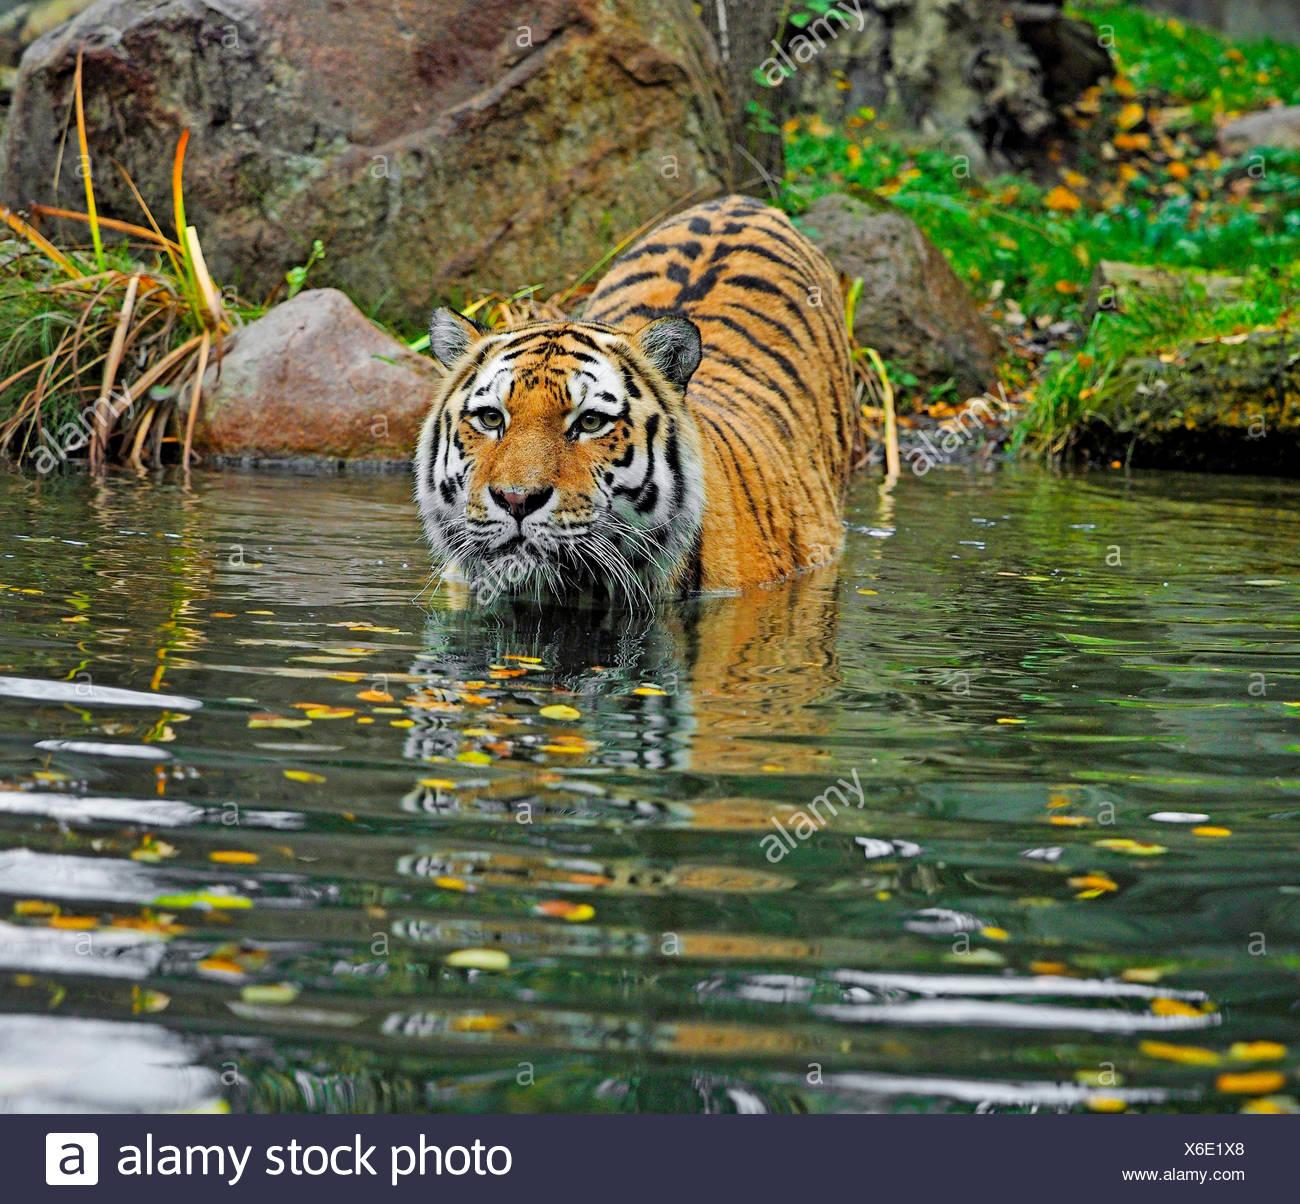 Tigre Siberiana, Amurian tiger (Panthera tigris altaica), in piedi in acqua in prossimità della spiaggia, vista frontale Immagini Stock